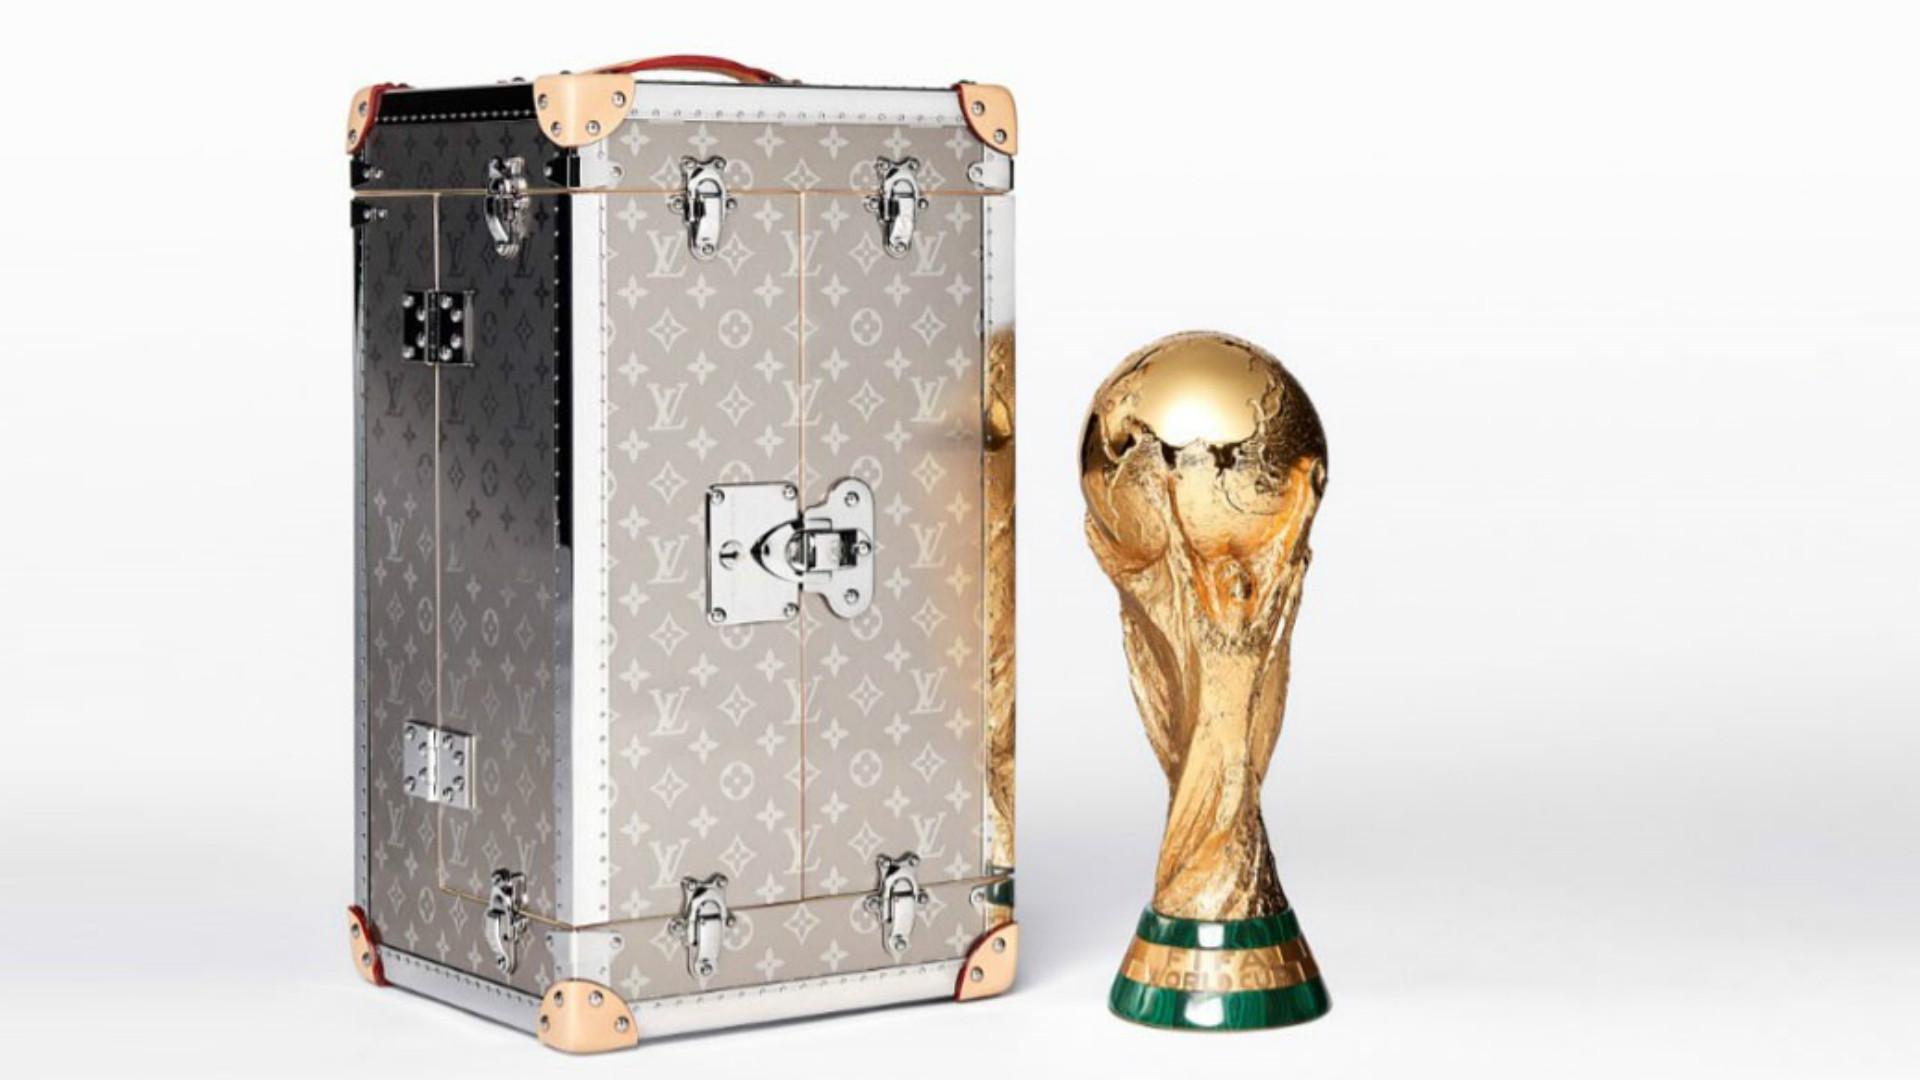 Maletin Louis Vuitton Copa del Mundo FIFA World Cup Case 2018